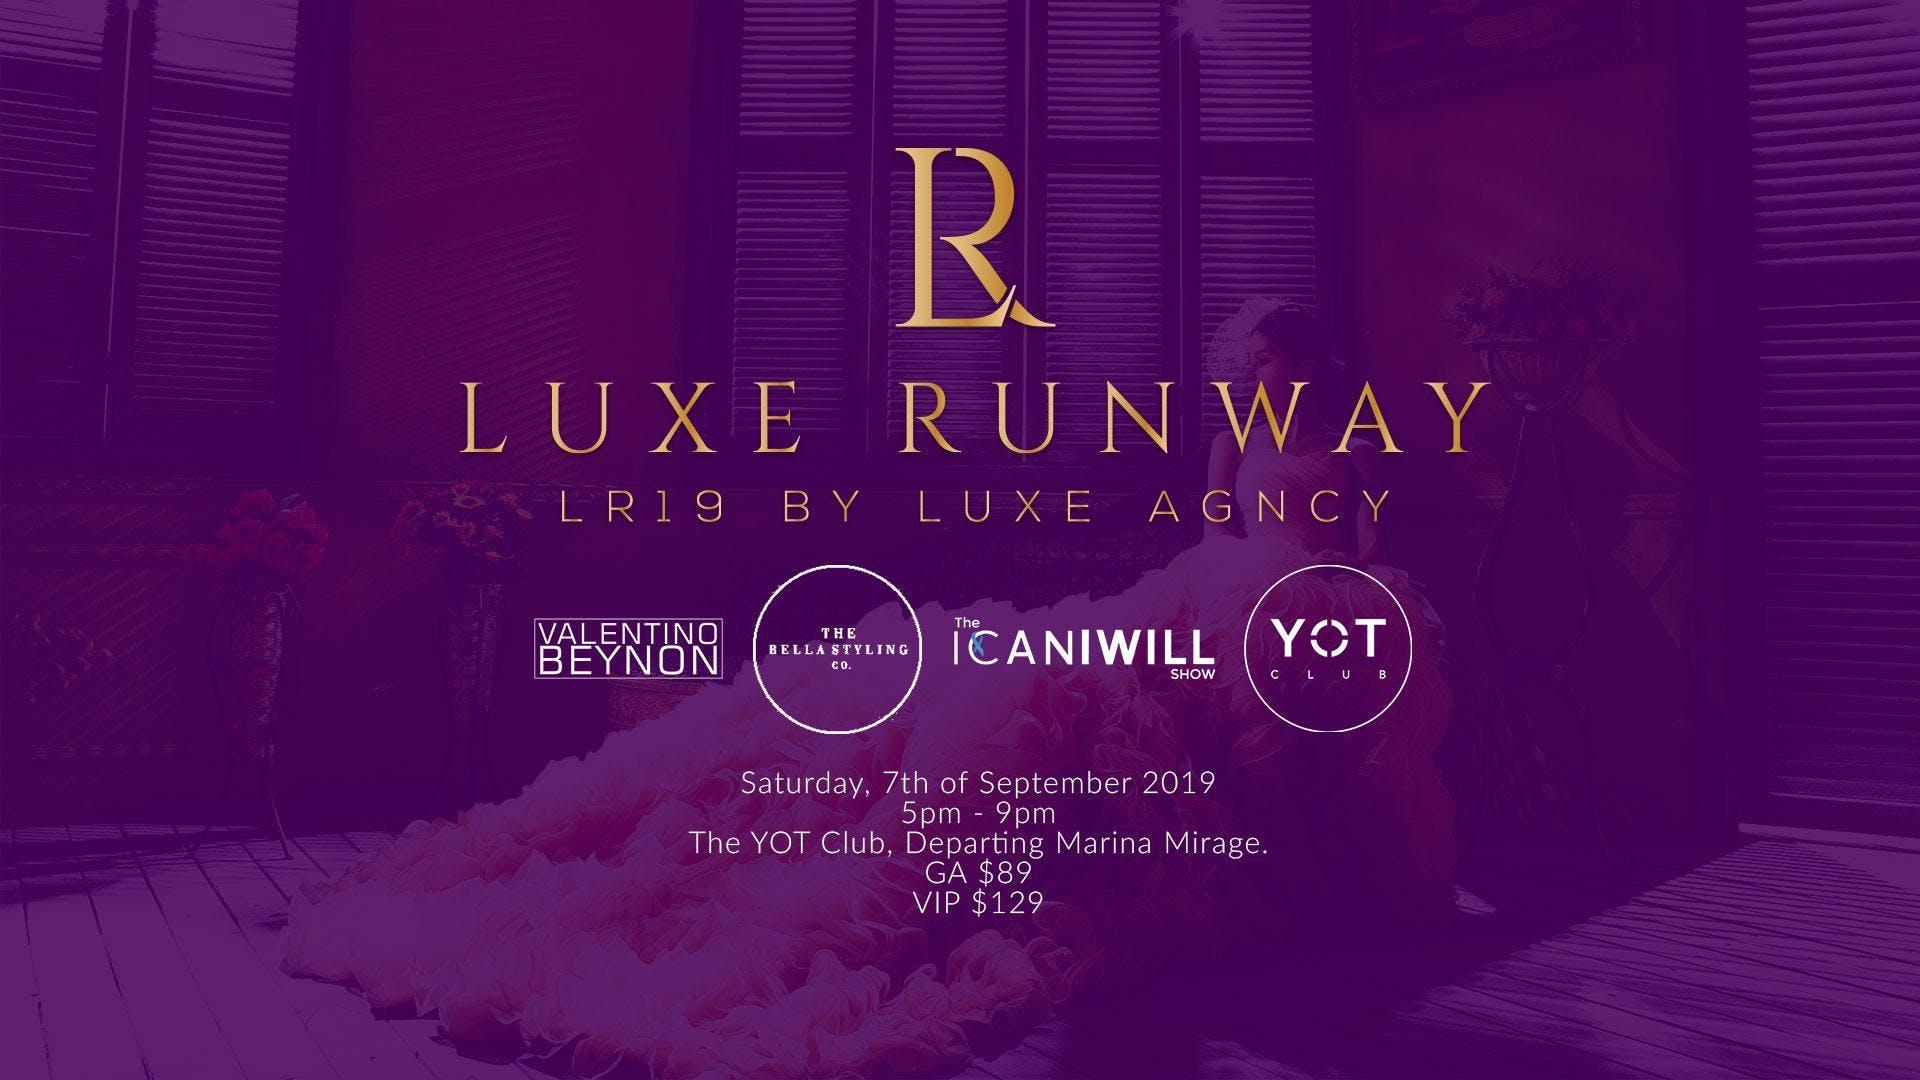 Luxe Runway 2019 (LR19)